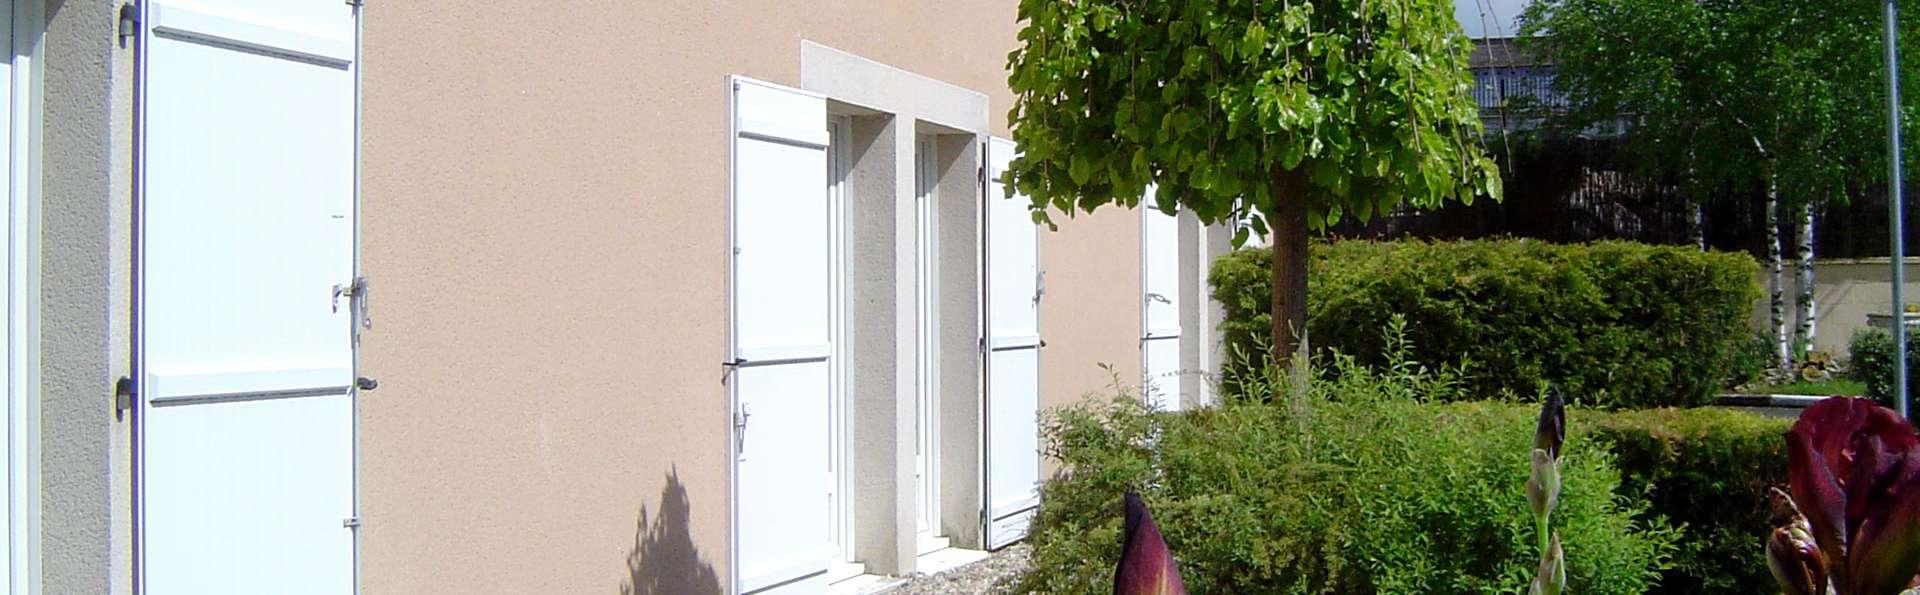 Hotel The Originals Châteauroux Sud Amarys (ex Inter-Hotel) - Edit_Garden.jpg